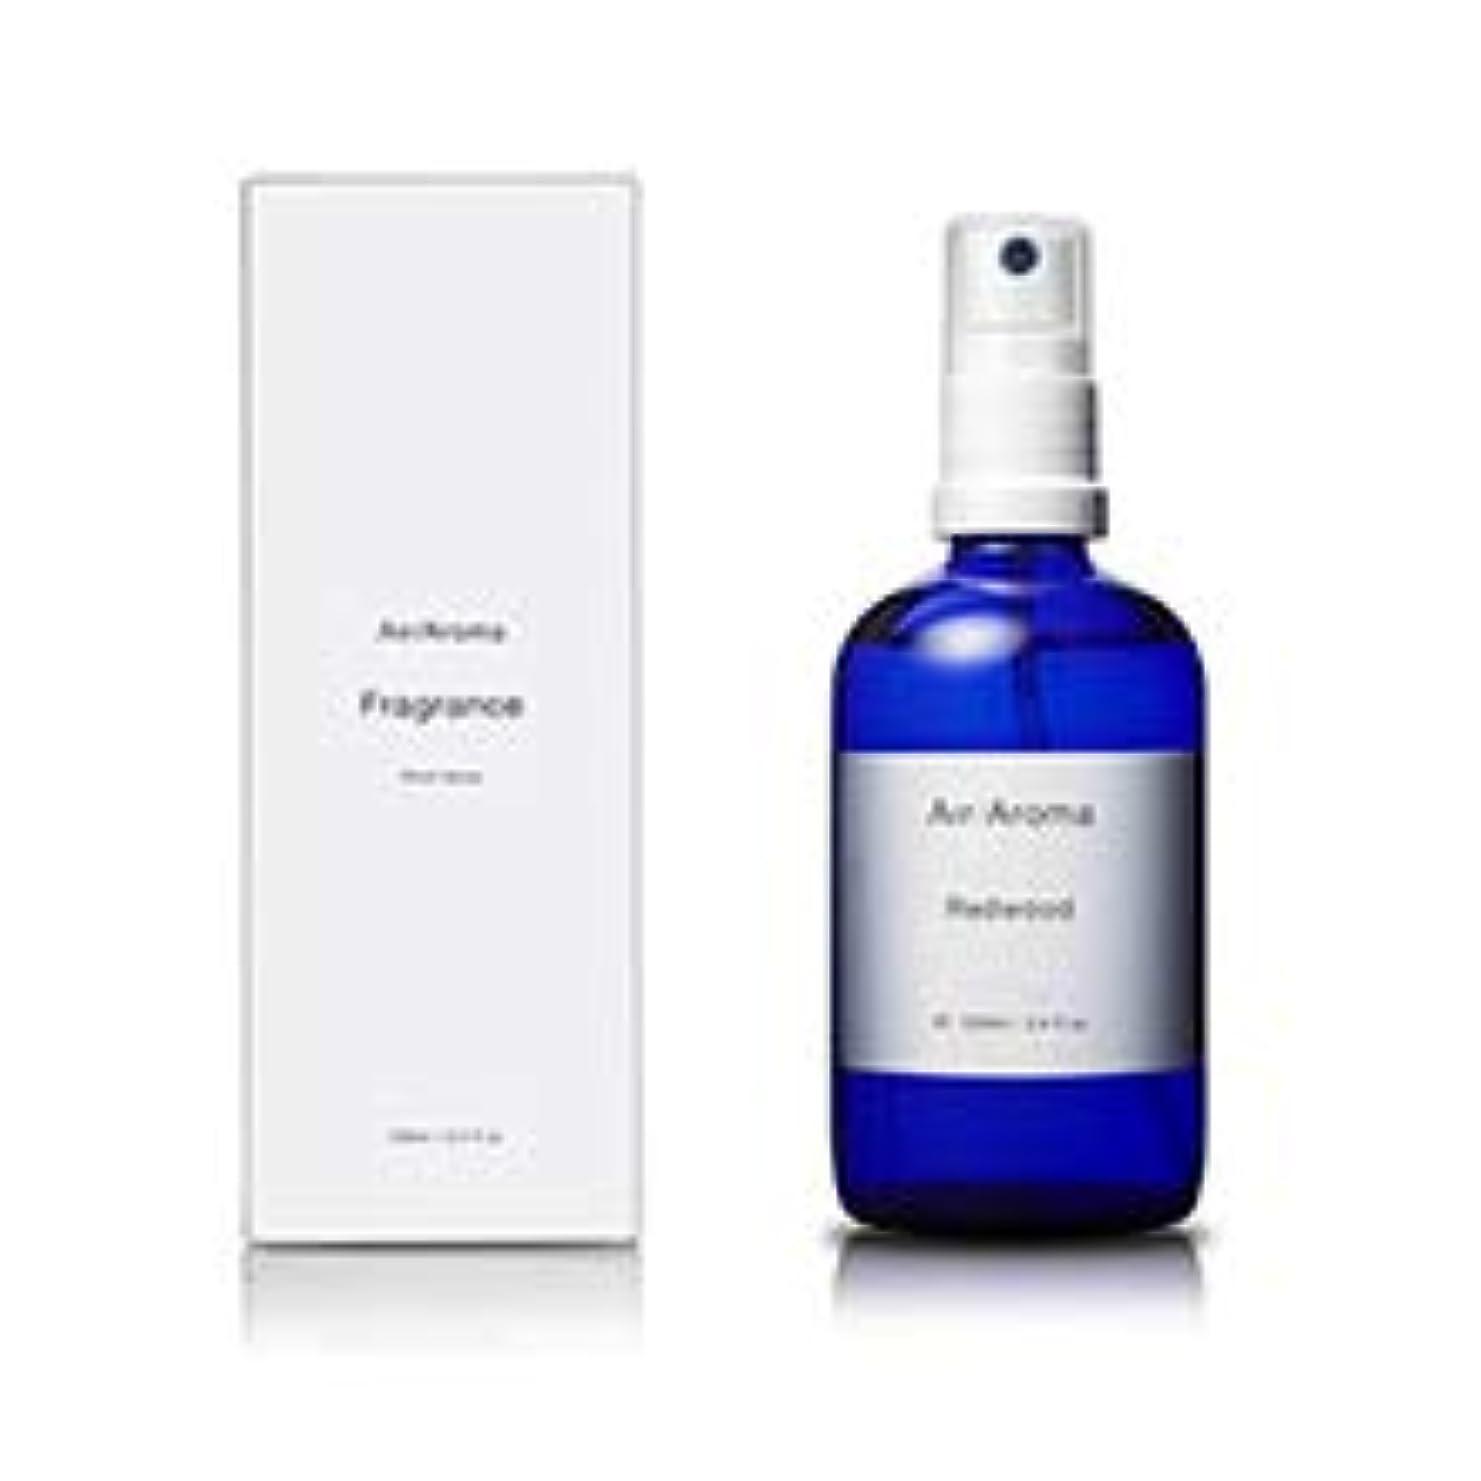 概要恐怖枯渇エアアロマ redwood room fragrance (レッドウッド ルームフレグランス) 100ml